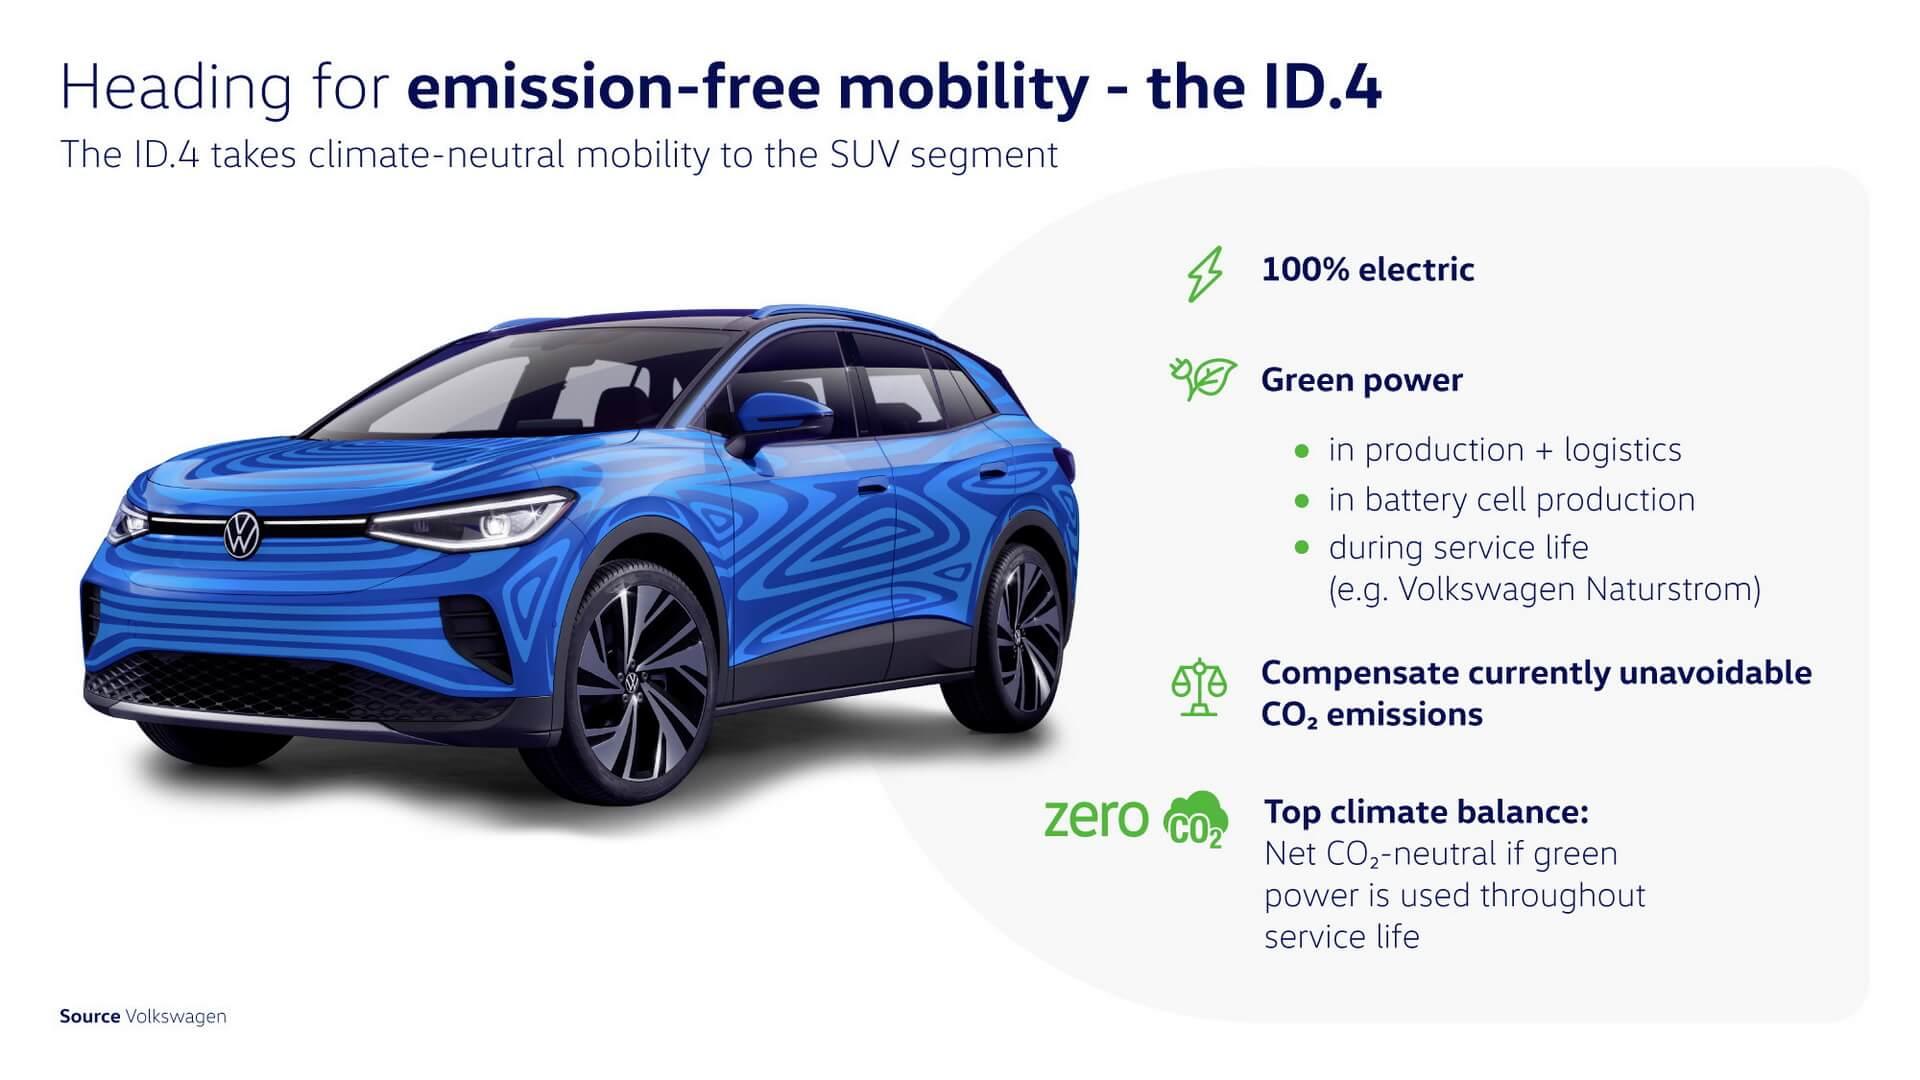 ID.4 знаменует начало глобального развертывания платформы MEB, которая специально адаптирована к требованиям электромобилей